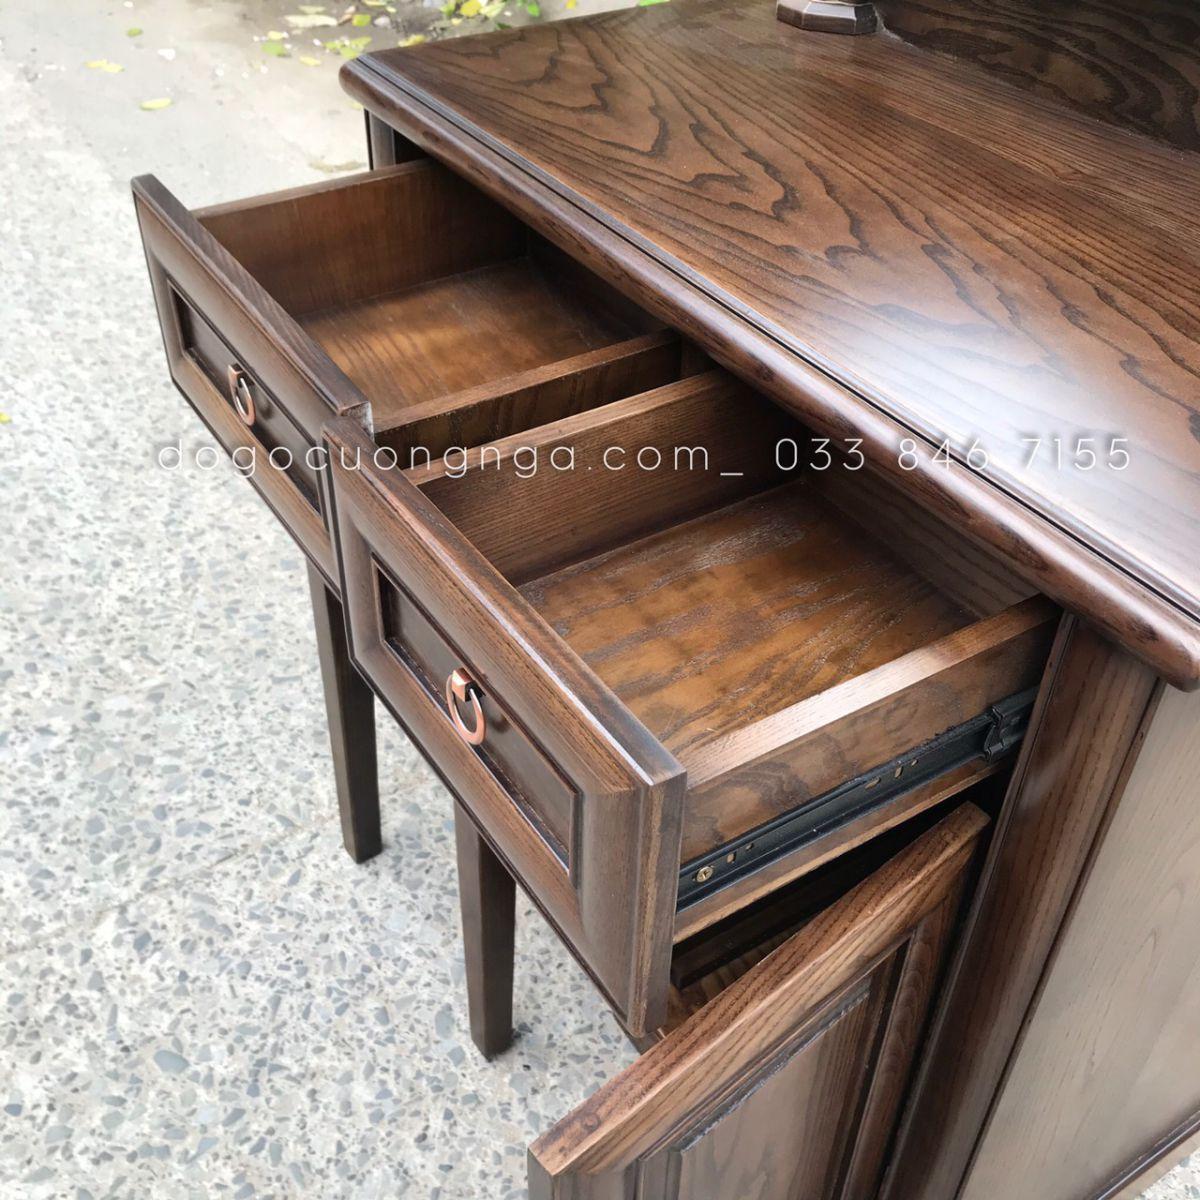 Thiet kế bên trong bàn trang điểm gỗ sồi lau màu óc chó